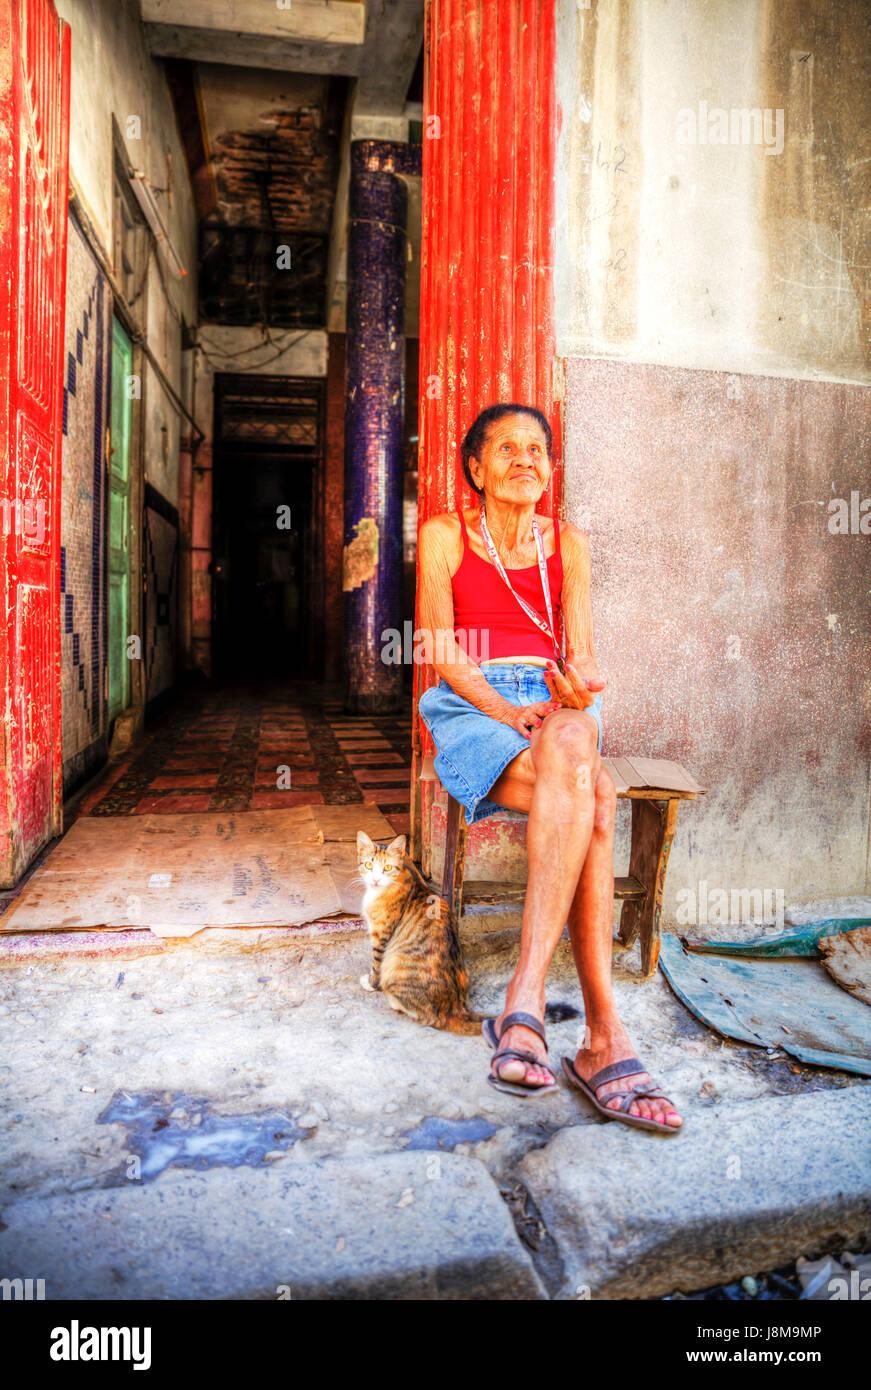 Anciana mendigando en las calles de La Habana, Cuba, Cubanos mendigo, manteniendo la mano, por dinero, la anciana Imagen De Stock